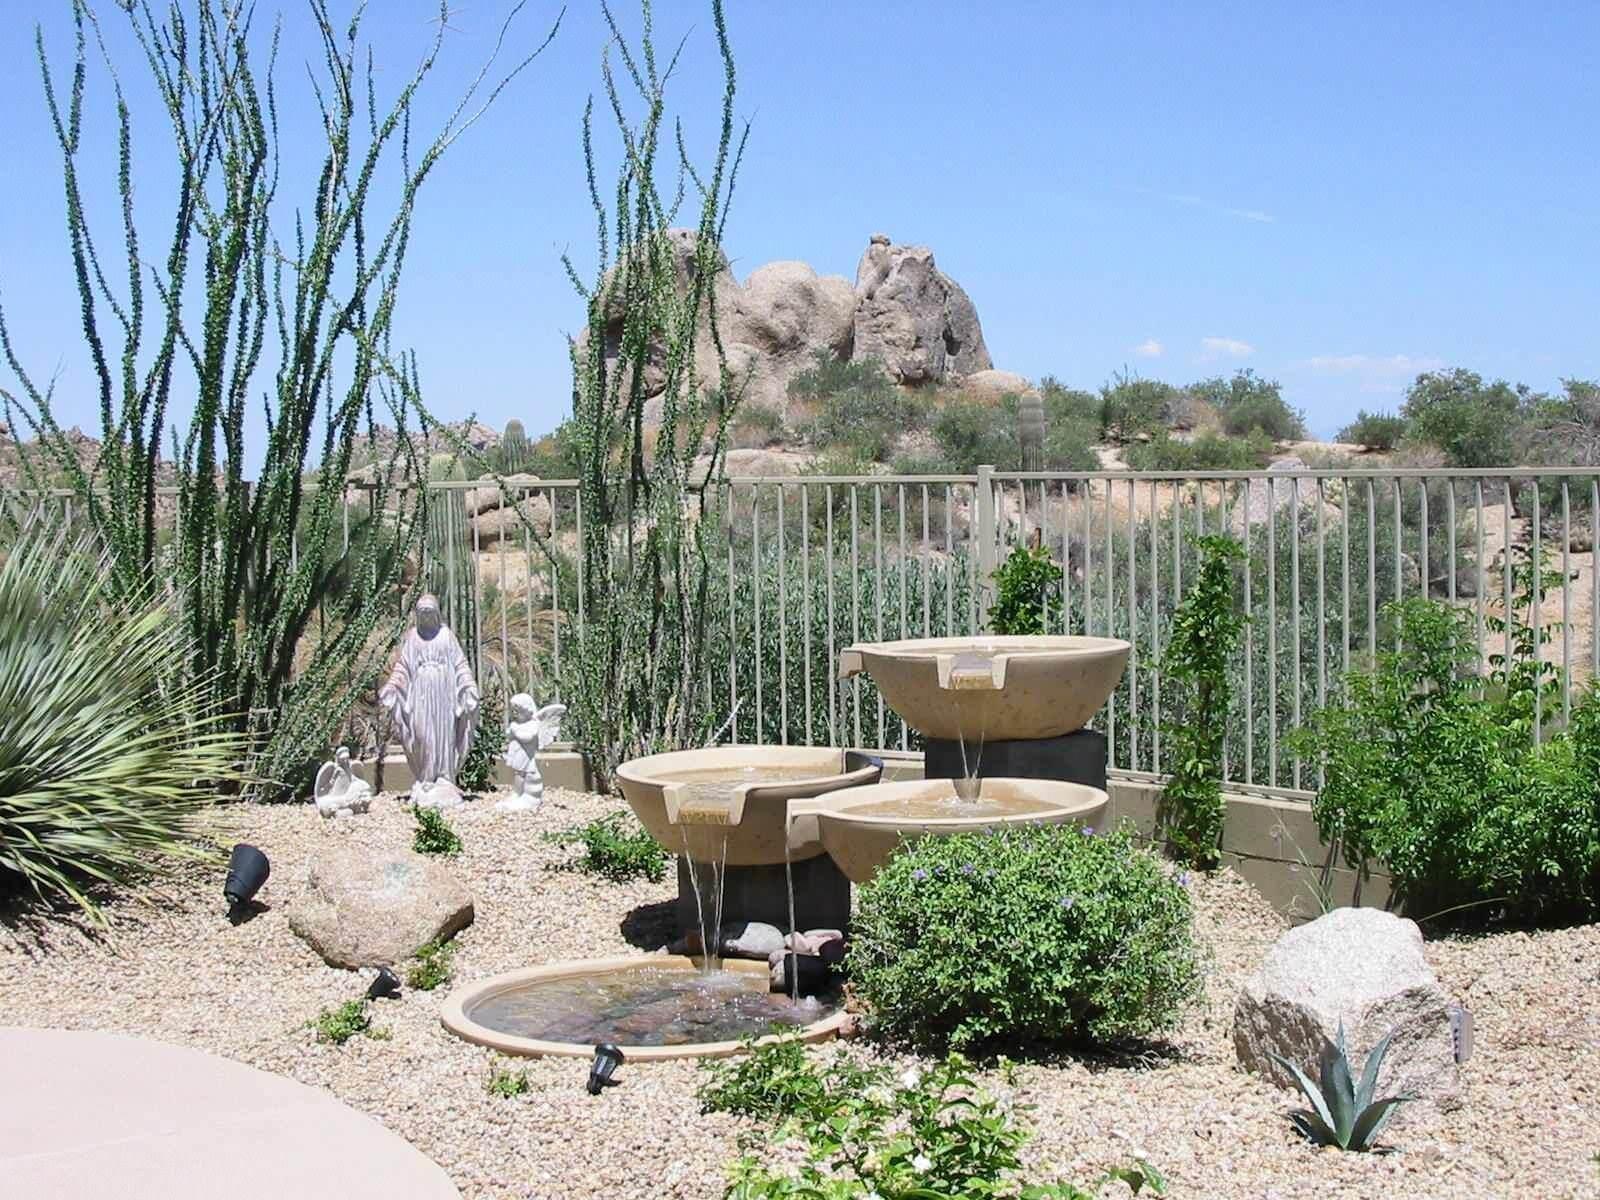 Oasis - Desert landscaping ideas